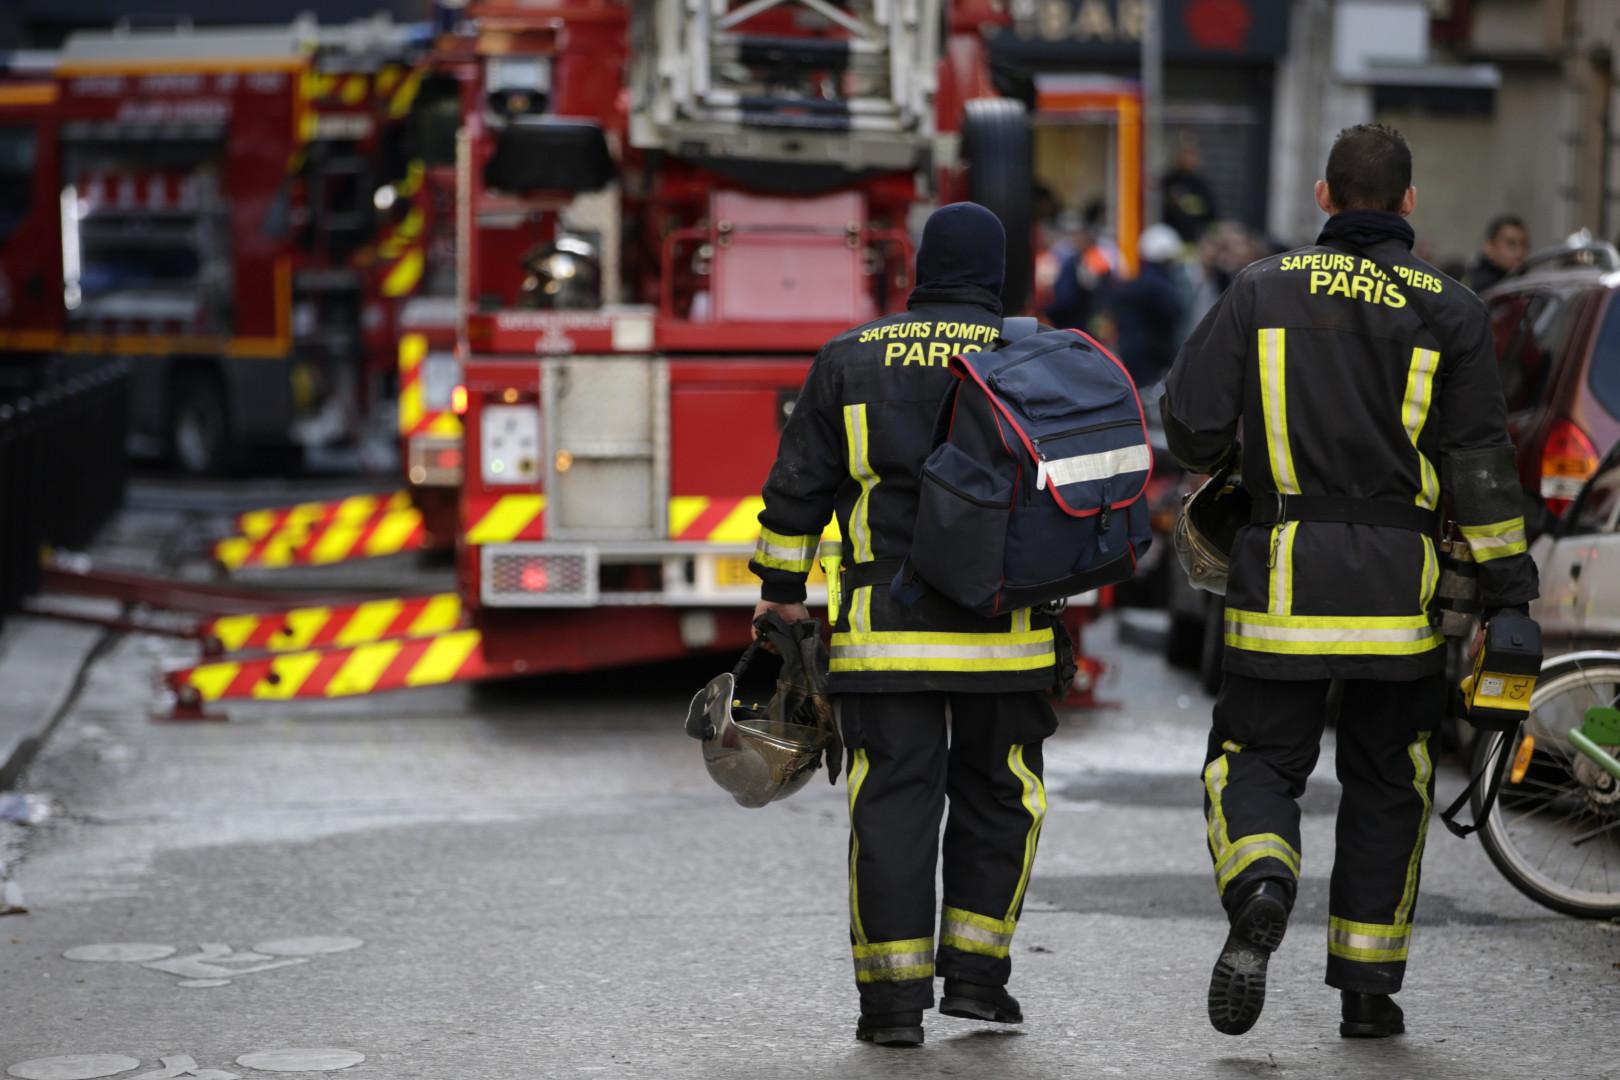 Des pompiers interviennent sur les lieux d'un incendie à Paris, mercredi 2 septembre 2015